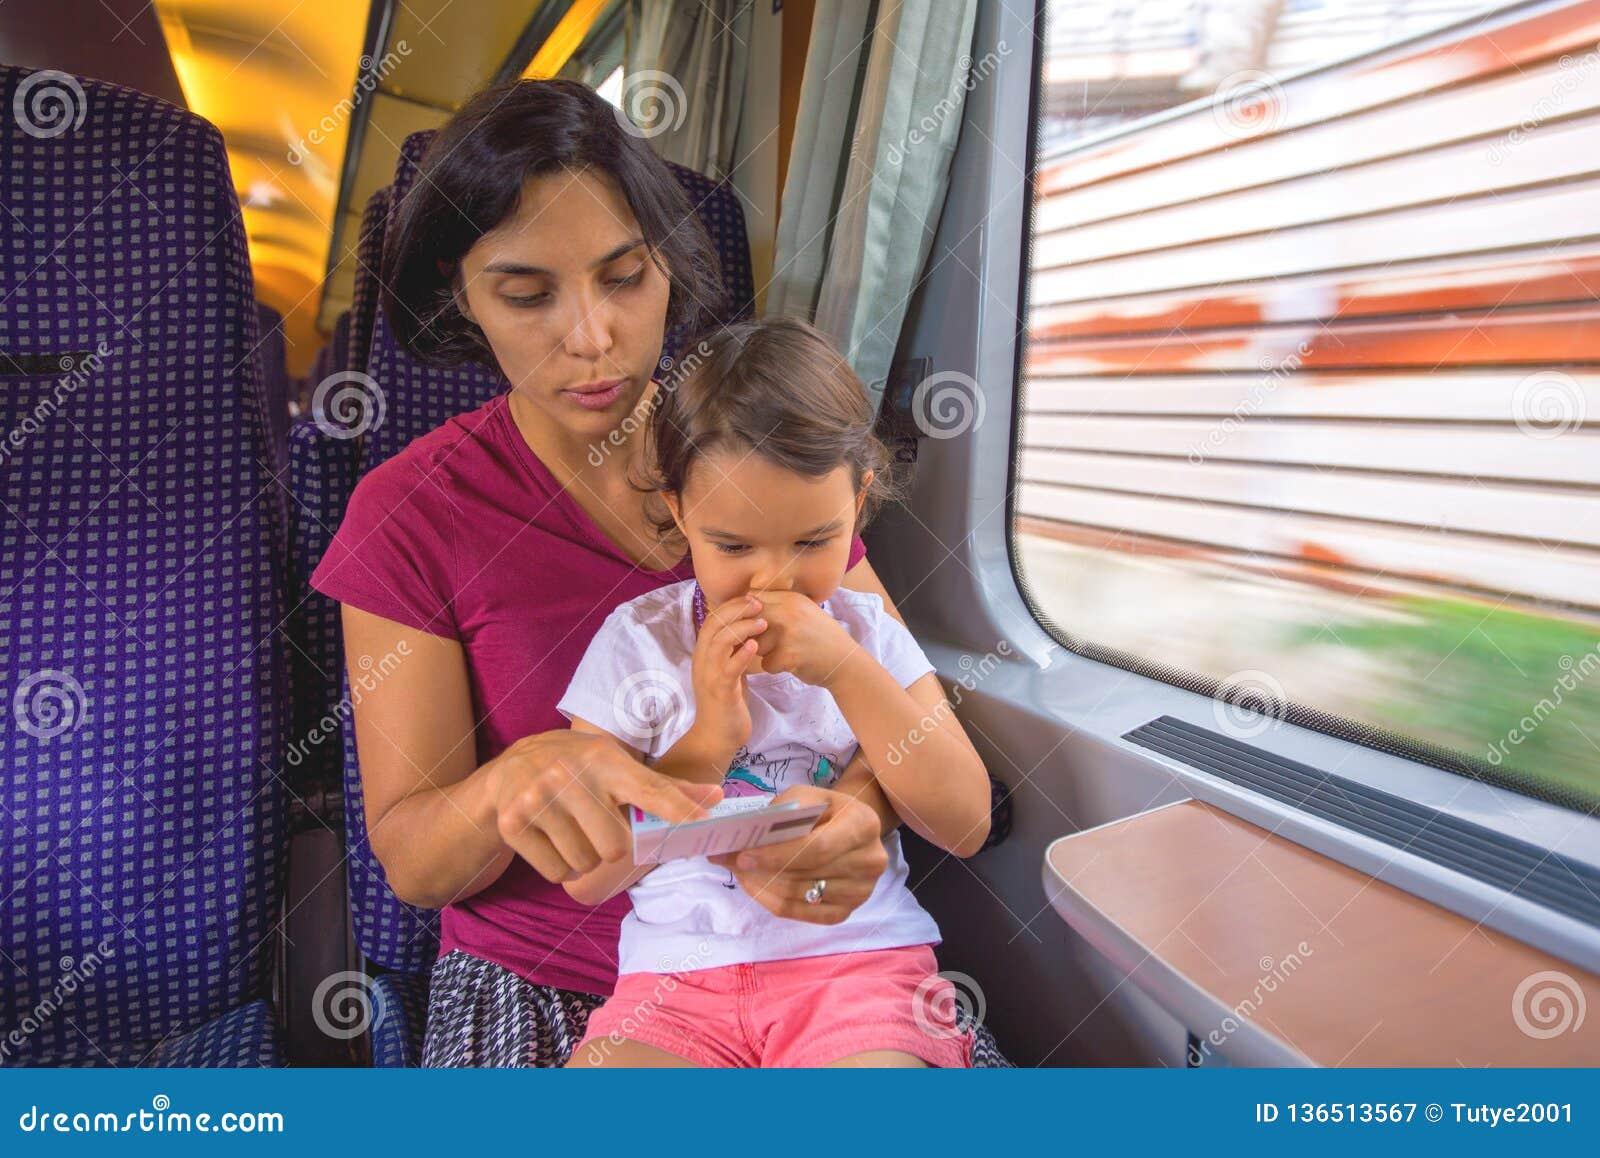 母亲和她的女儿享受火车旅行